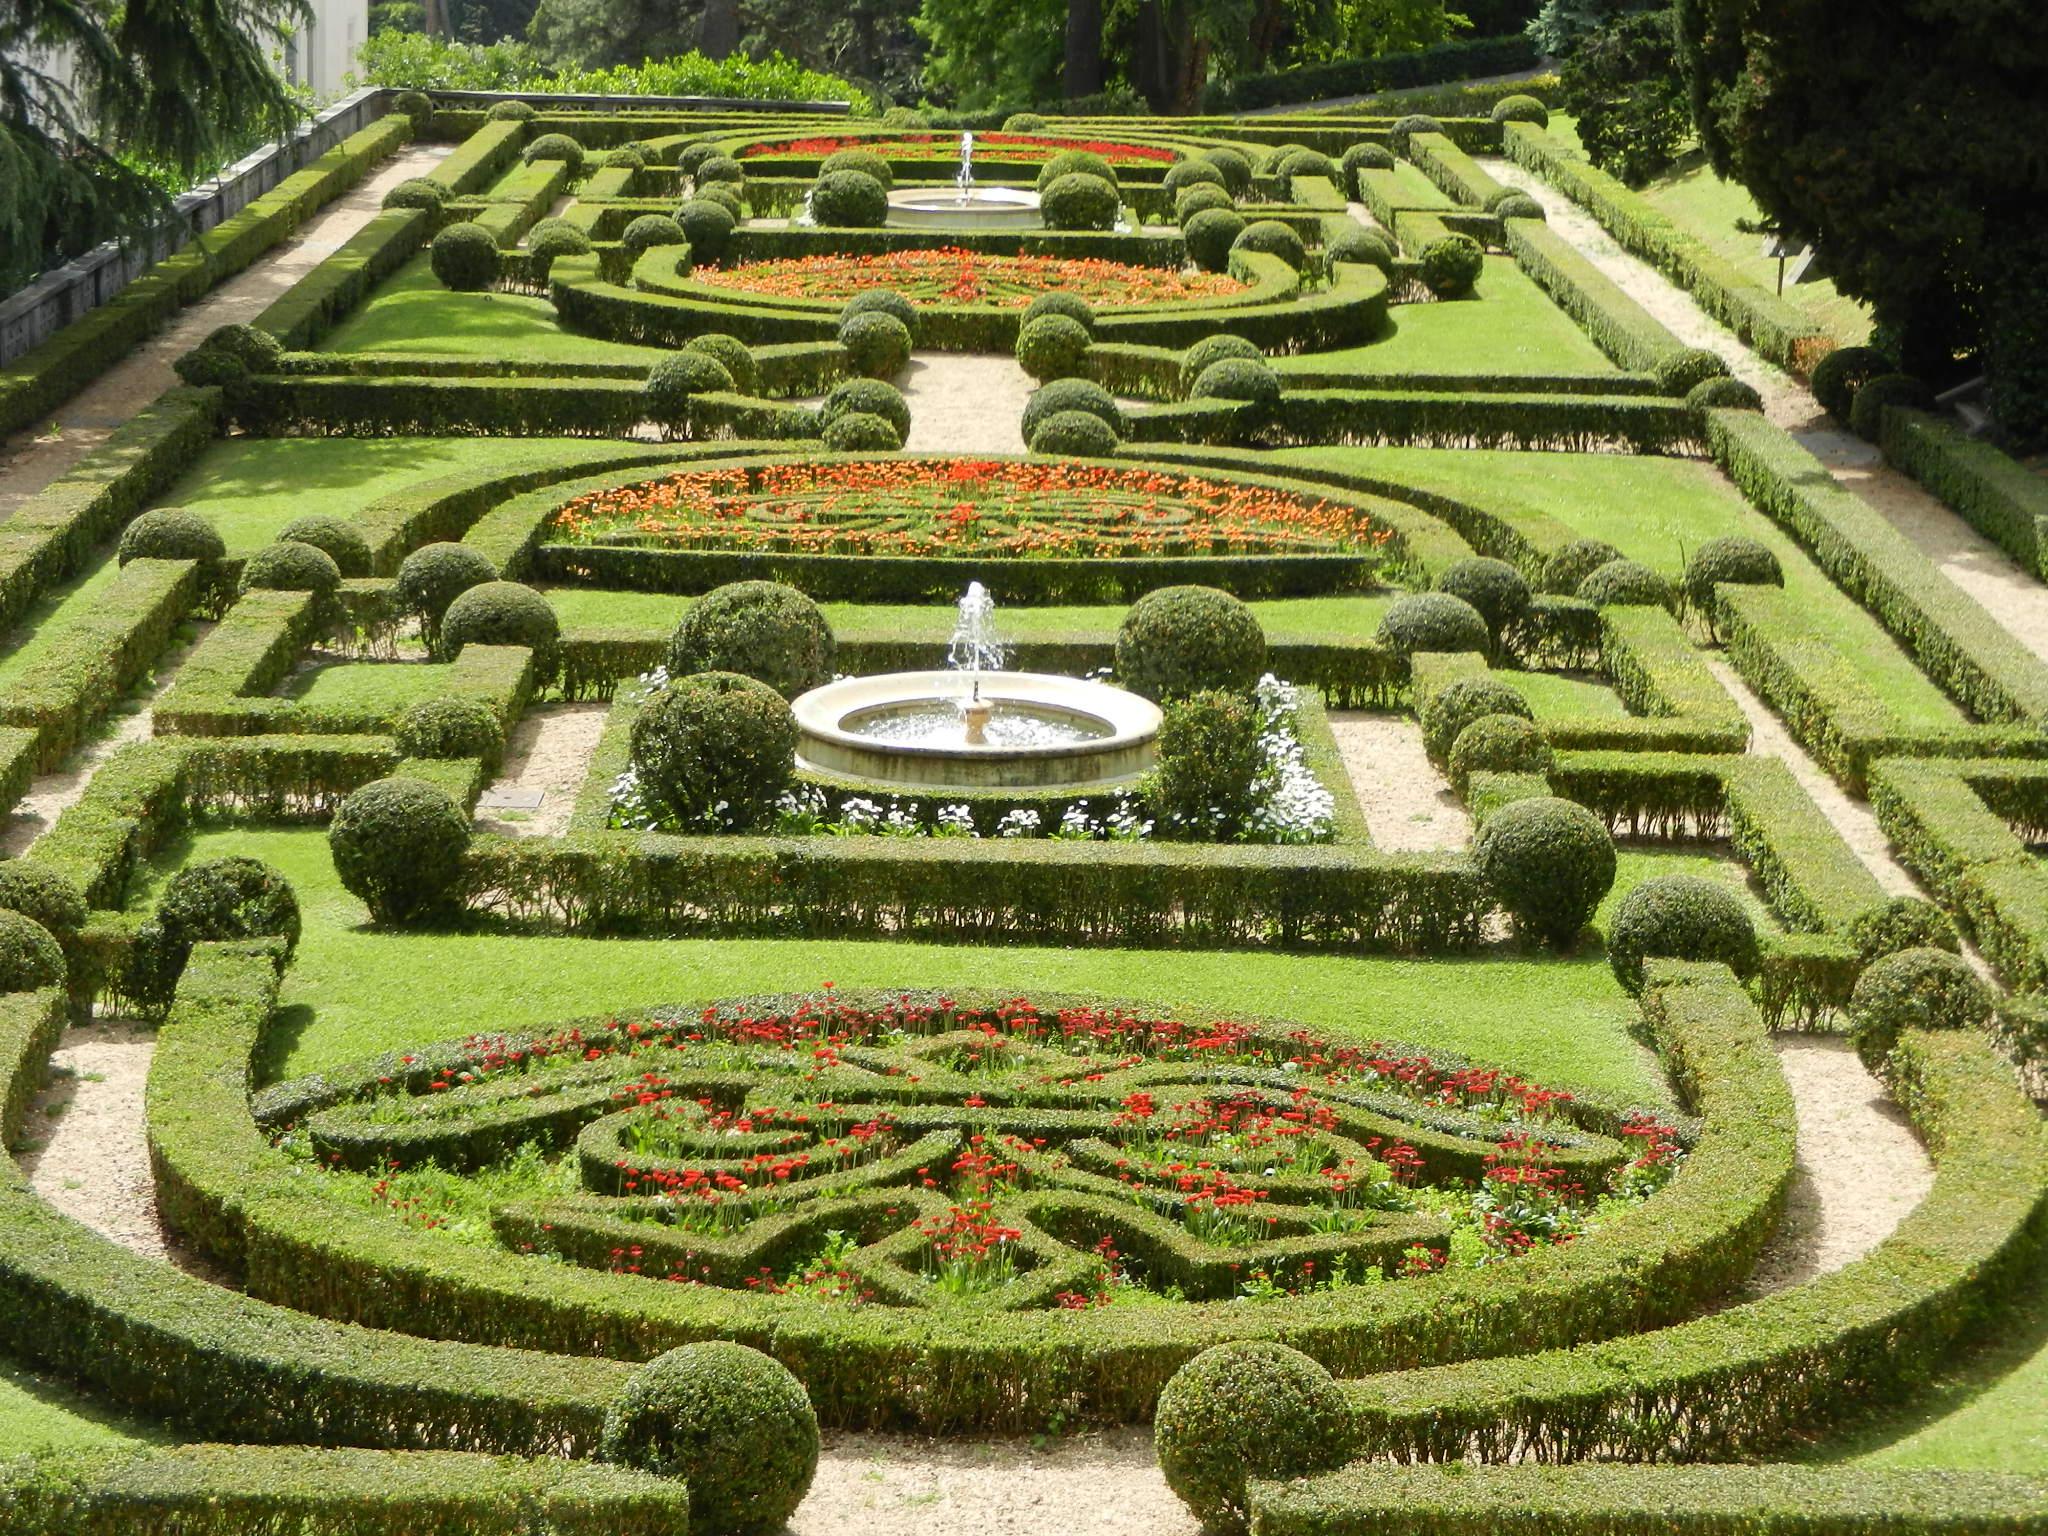 Vatican Garden, Italy